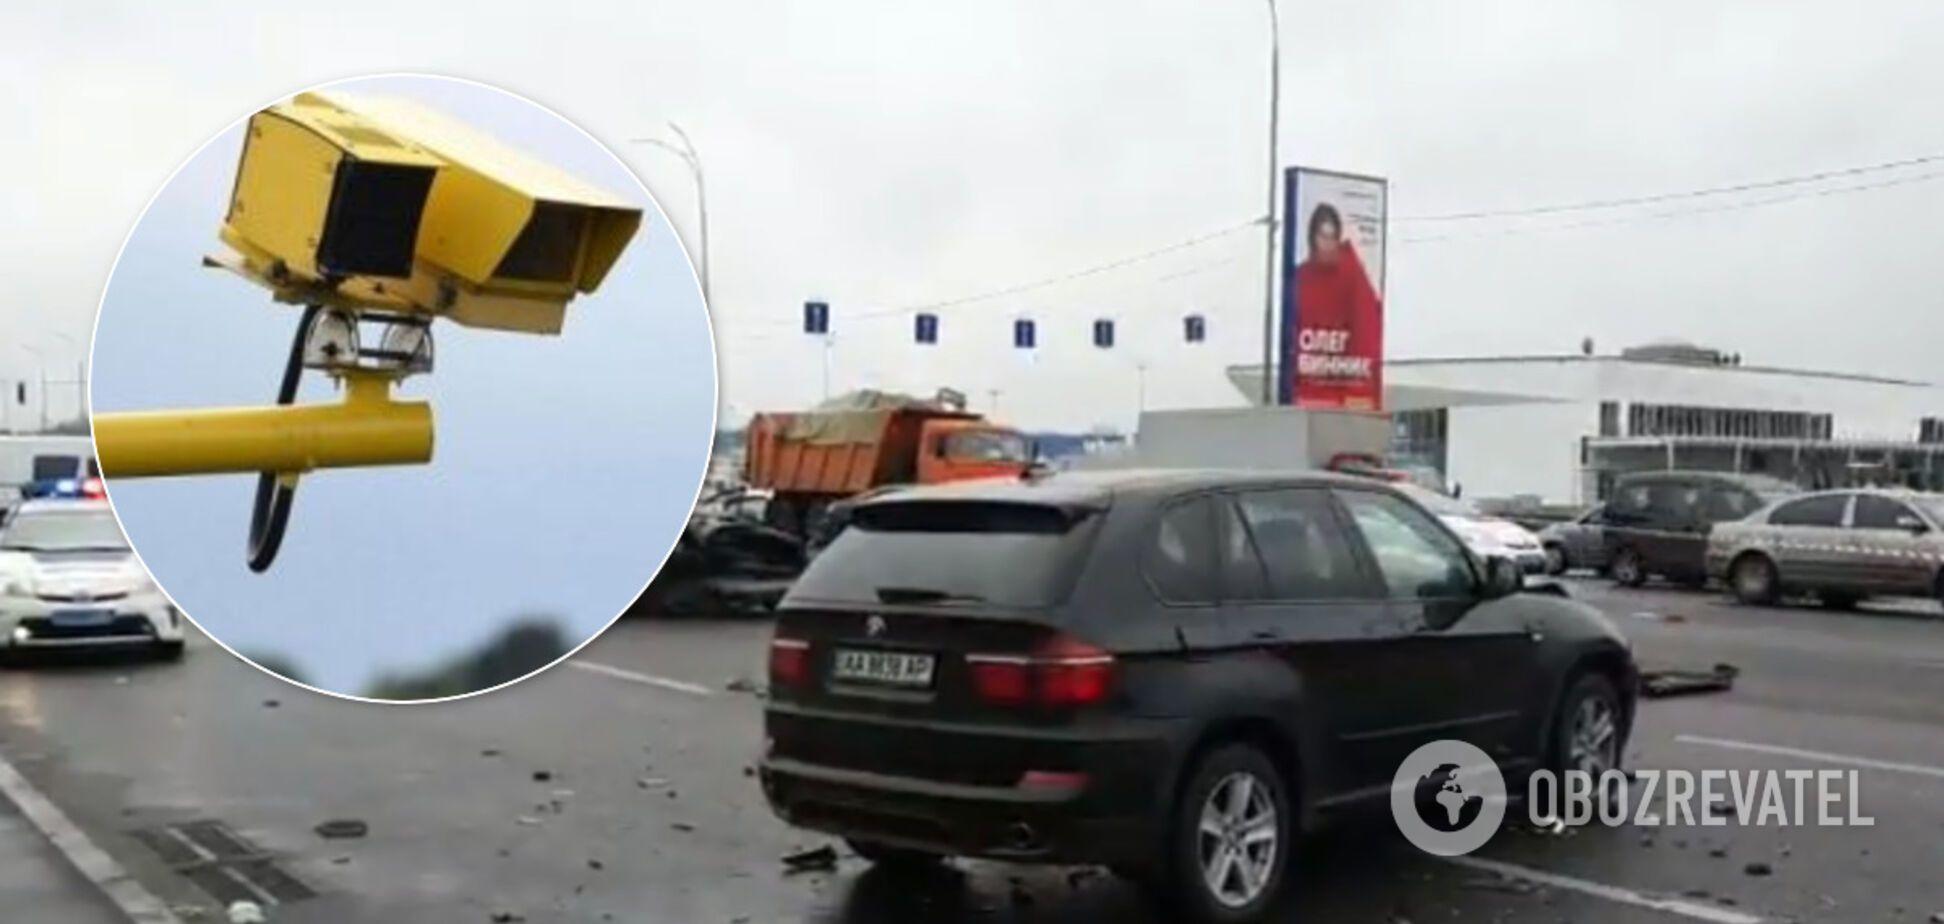 В Киеве с 1 мая вводят автоматические штрафы для водителей: где установлены камеры